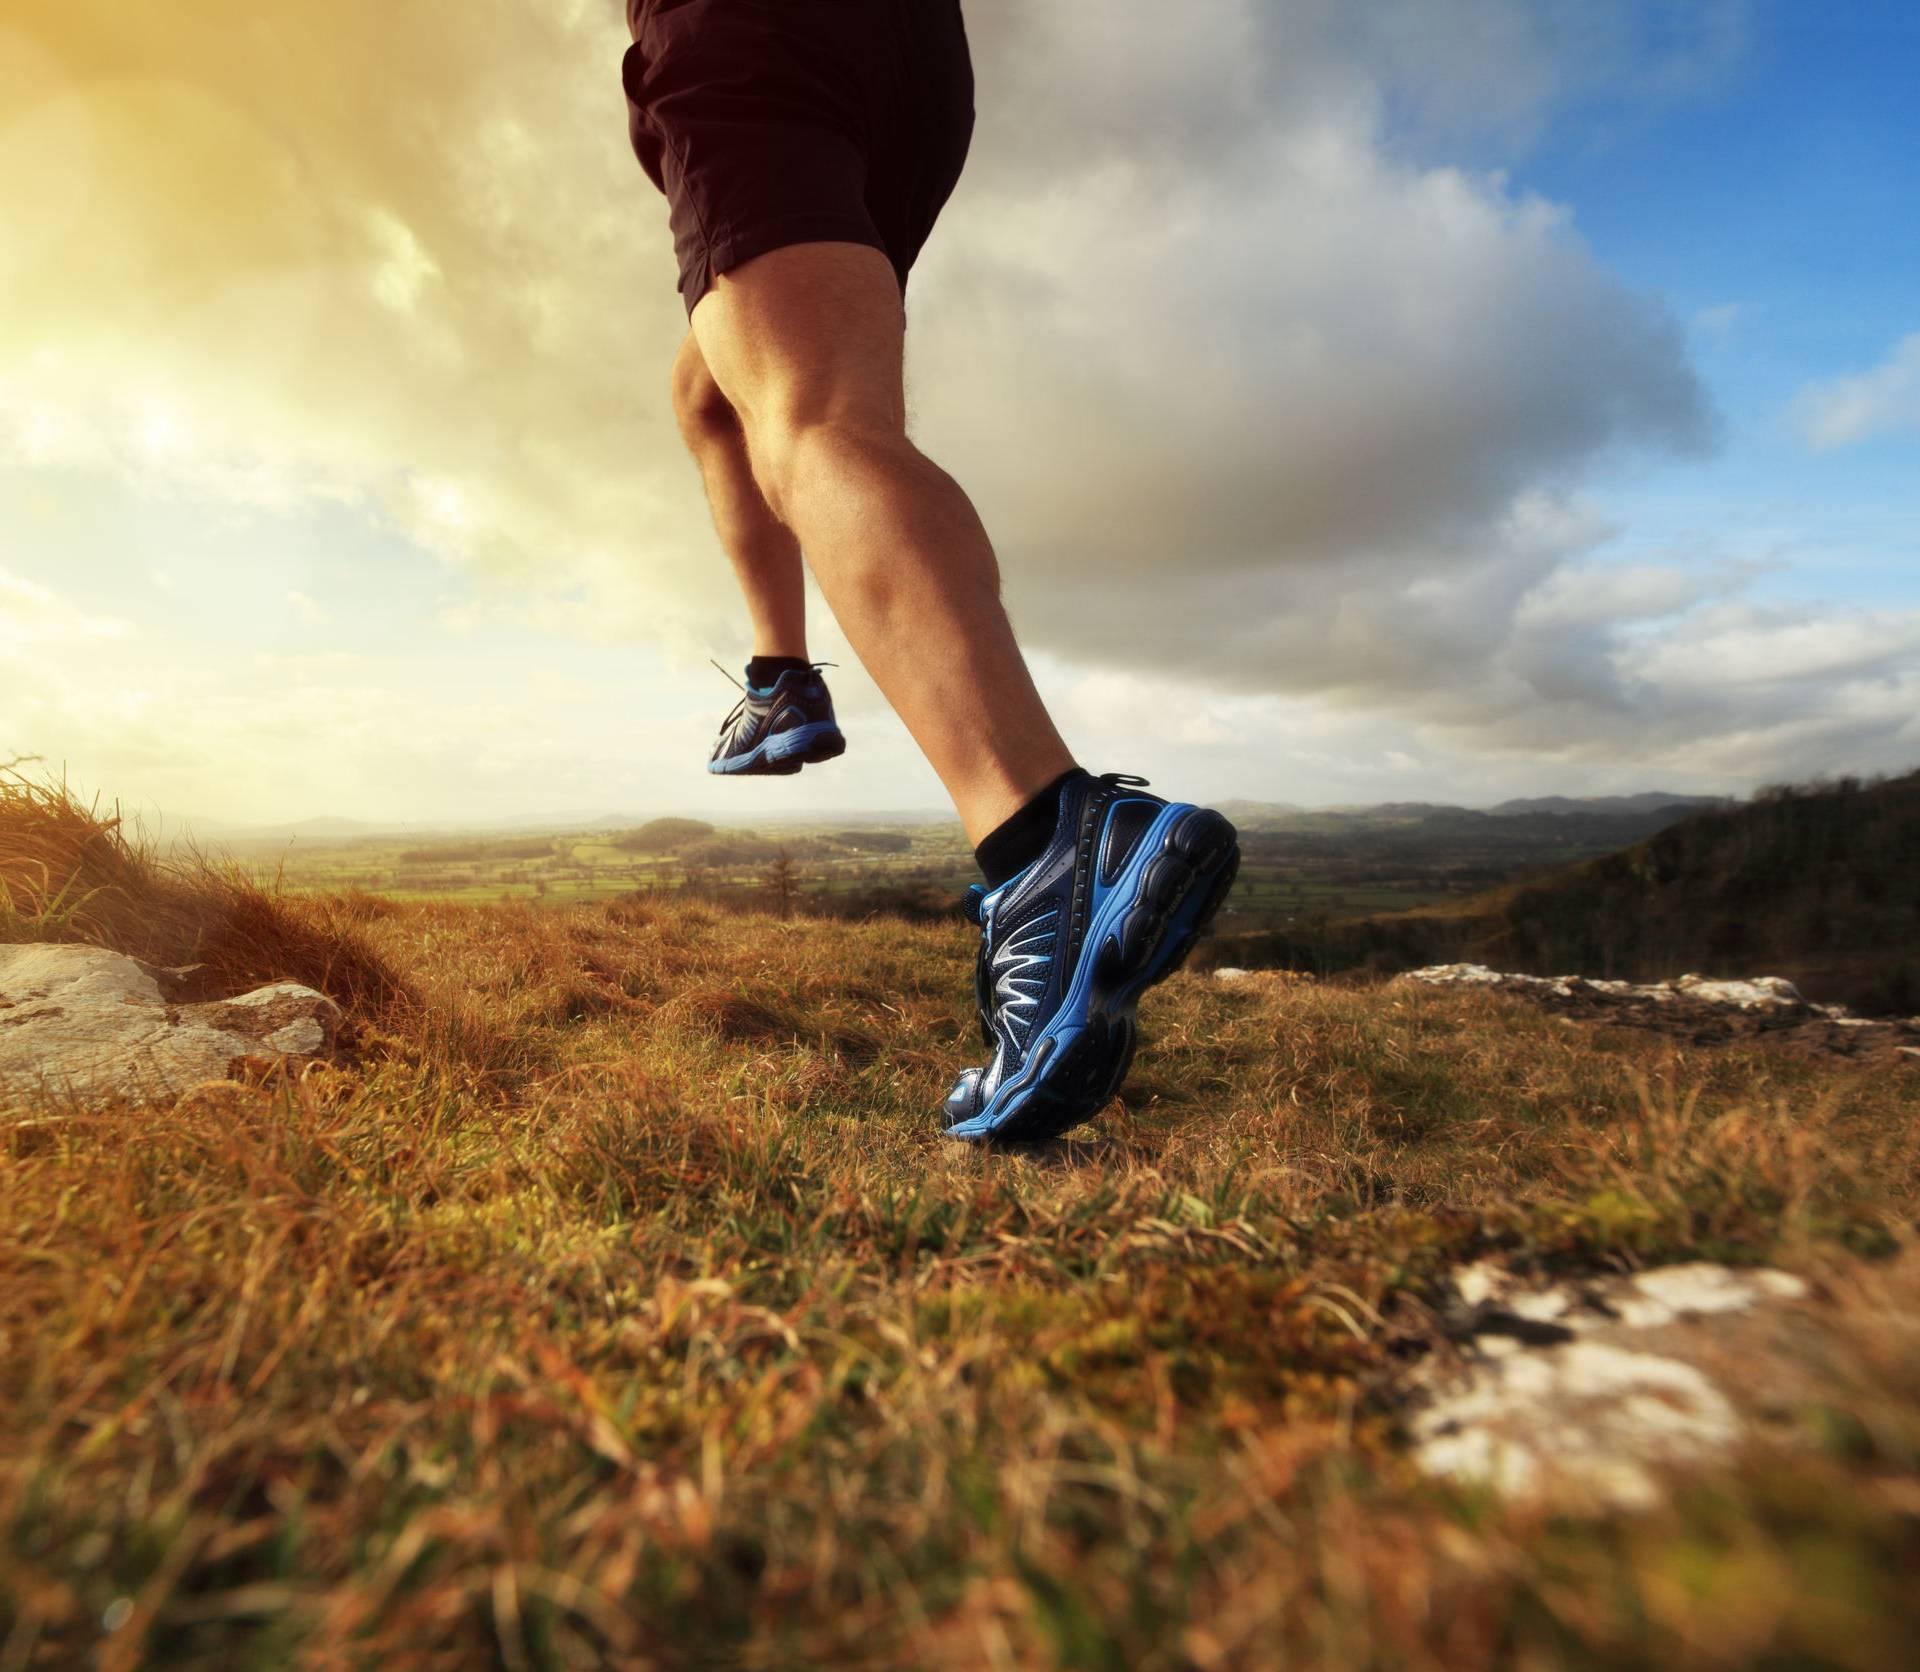 Trčanje 3 puta tjedno povećava kvalitetu kao i količinu sperme